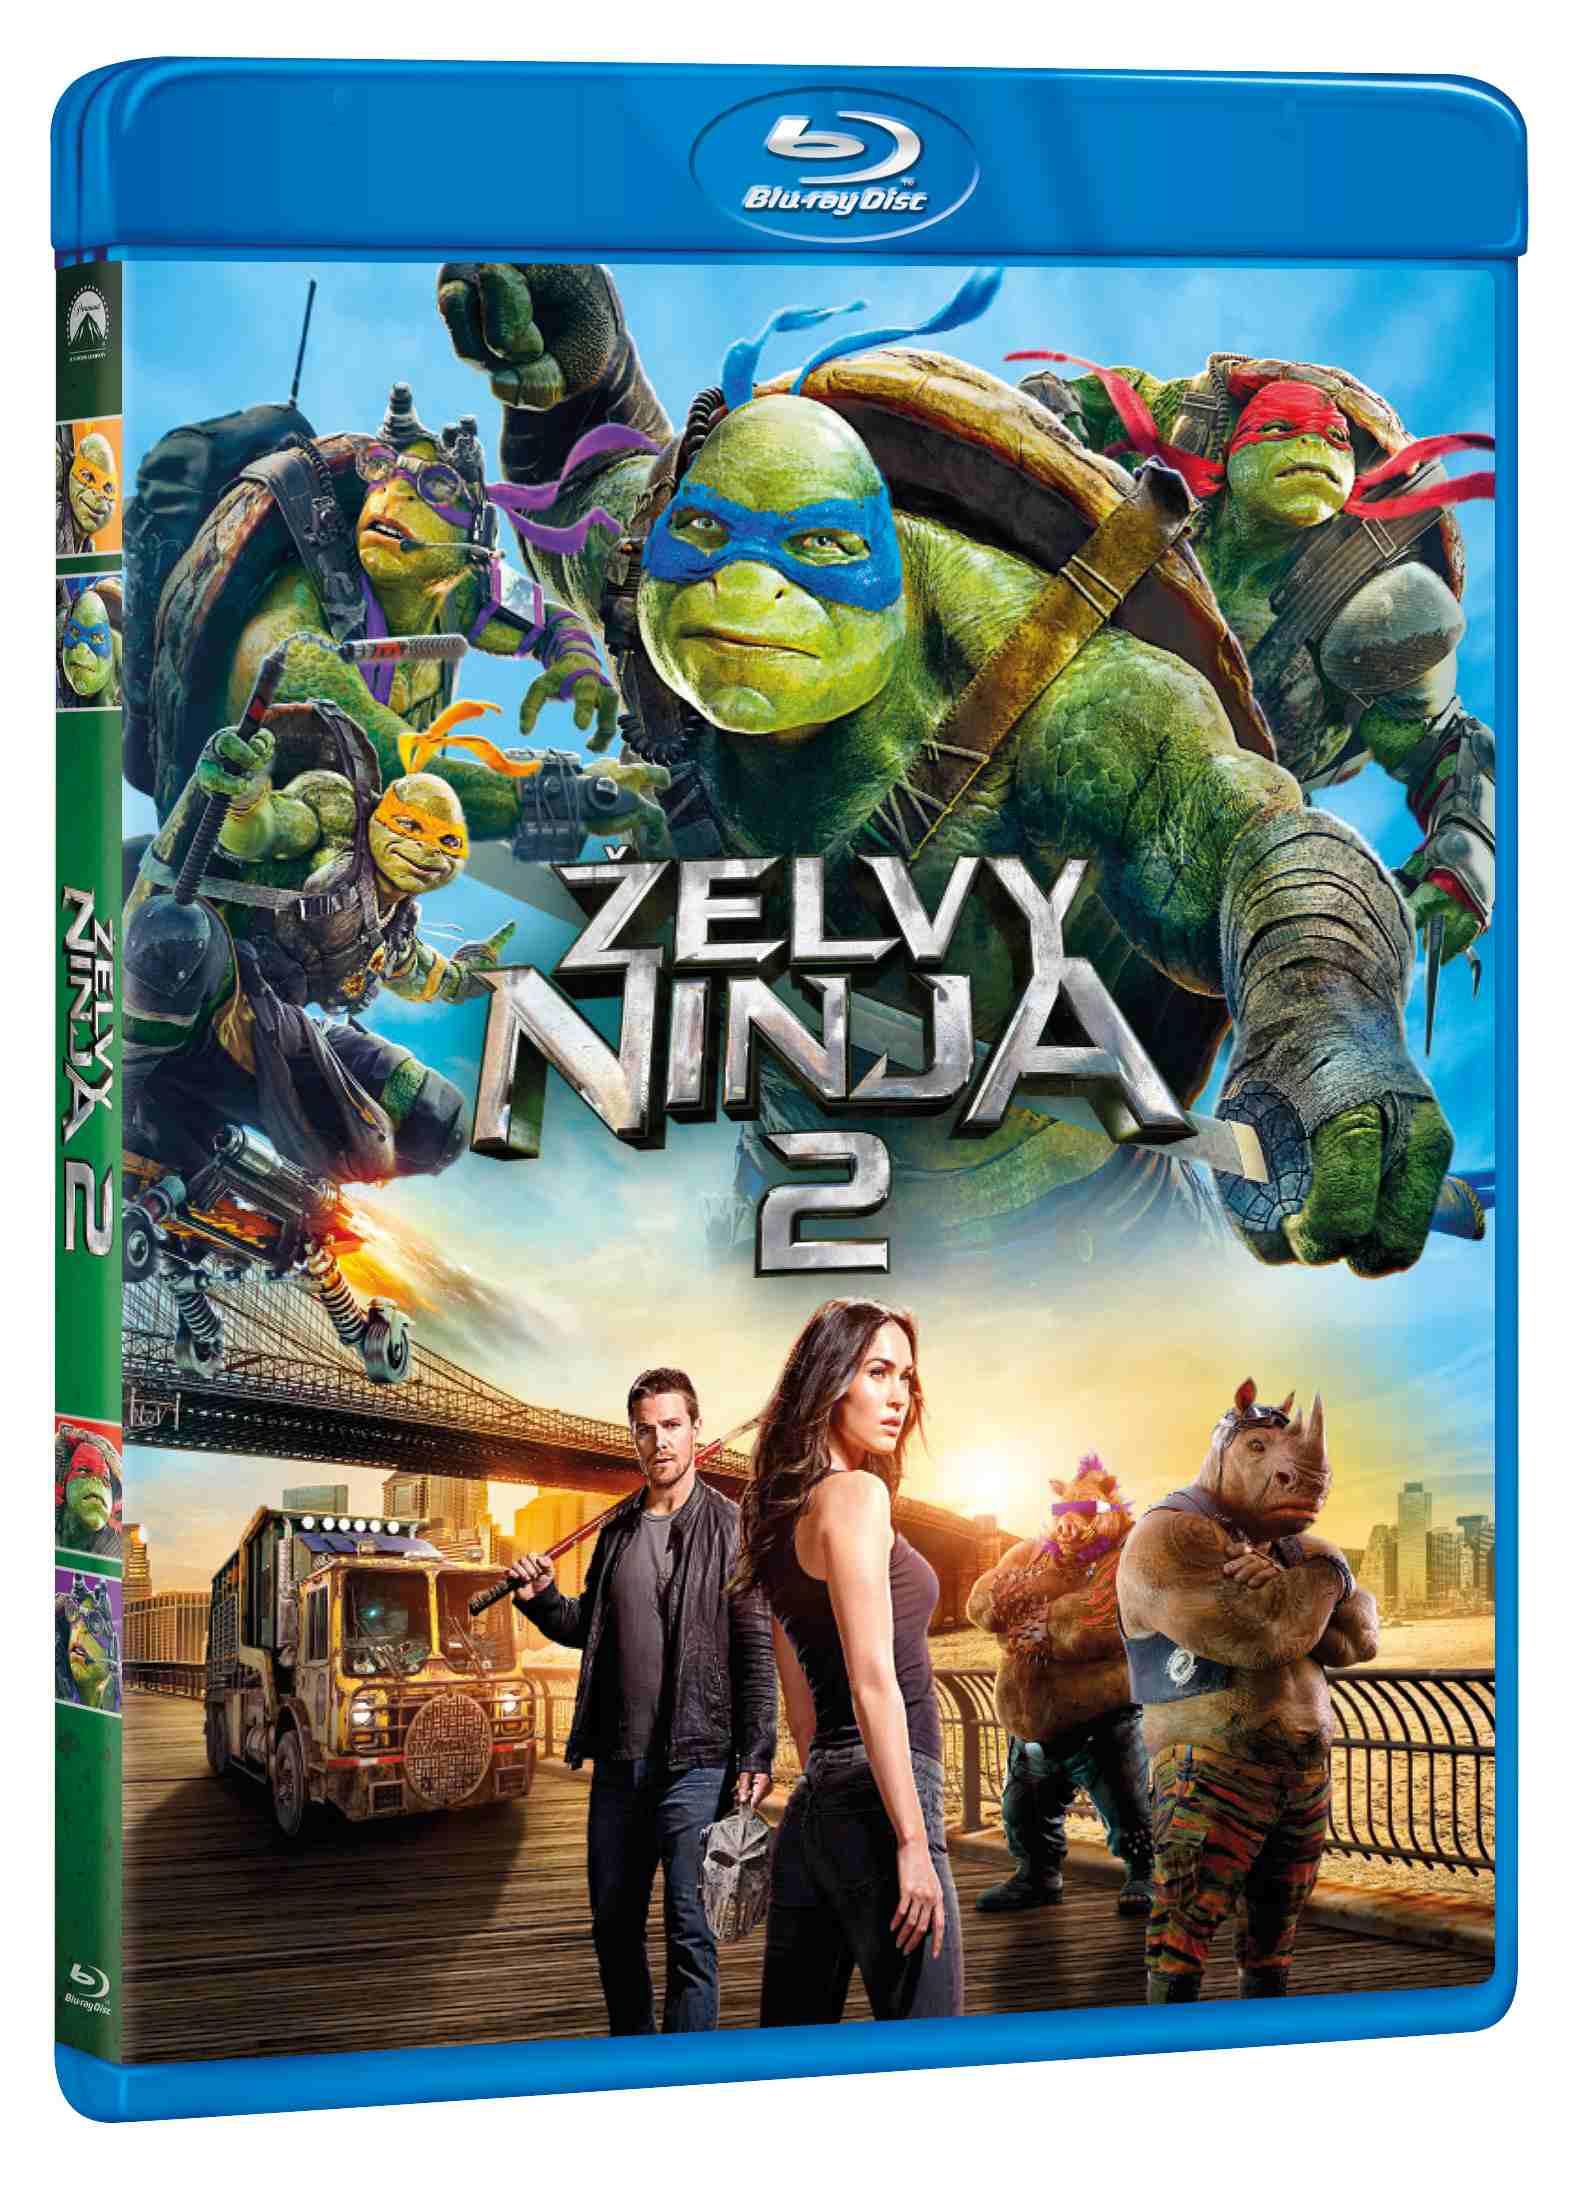 ŽELVY NINJA 2 - Blu-ray